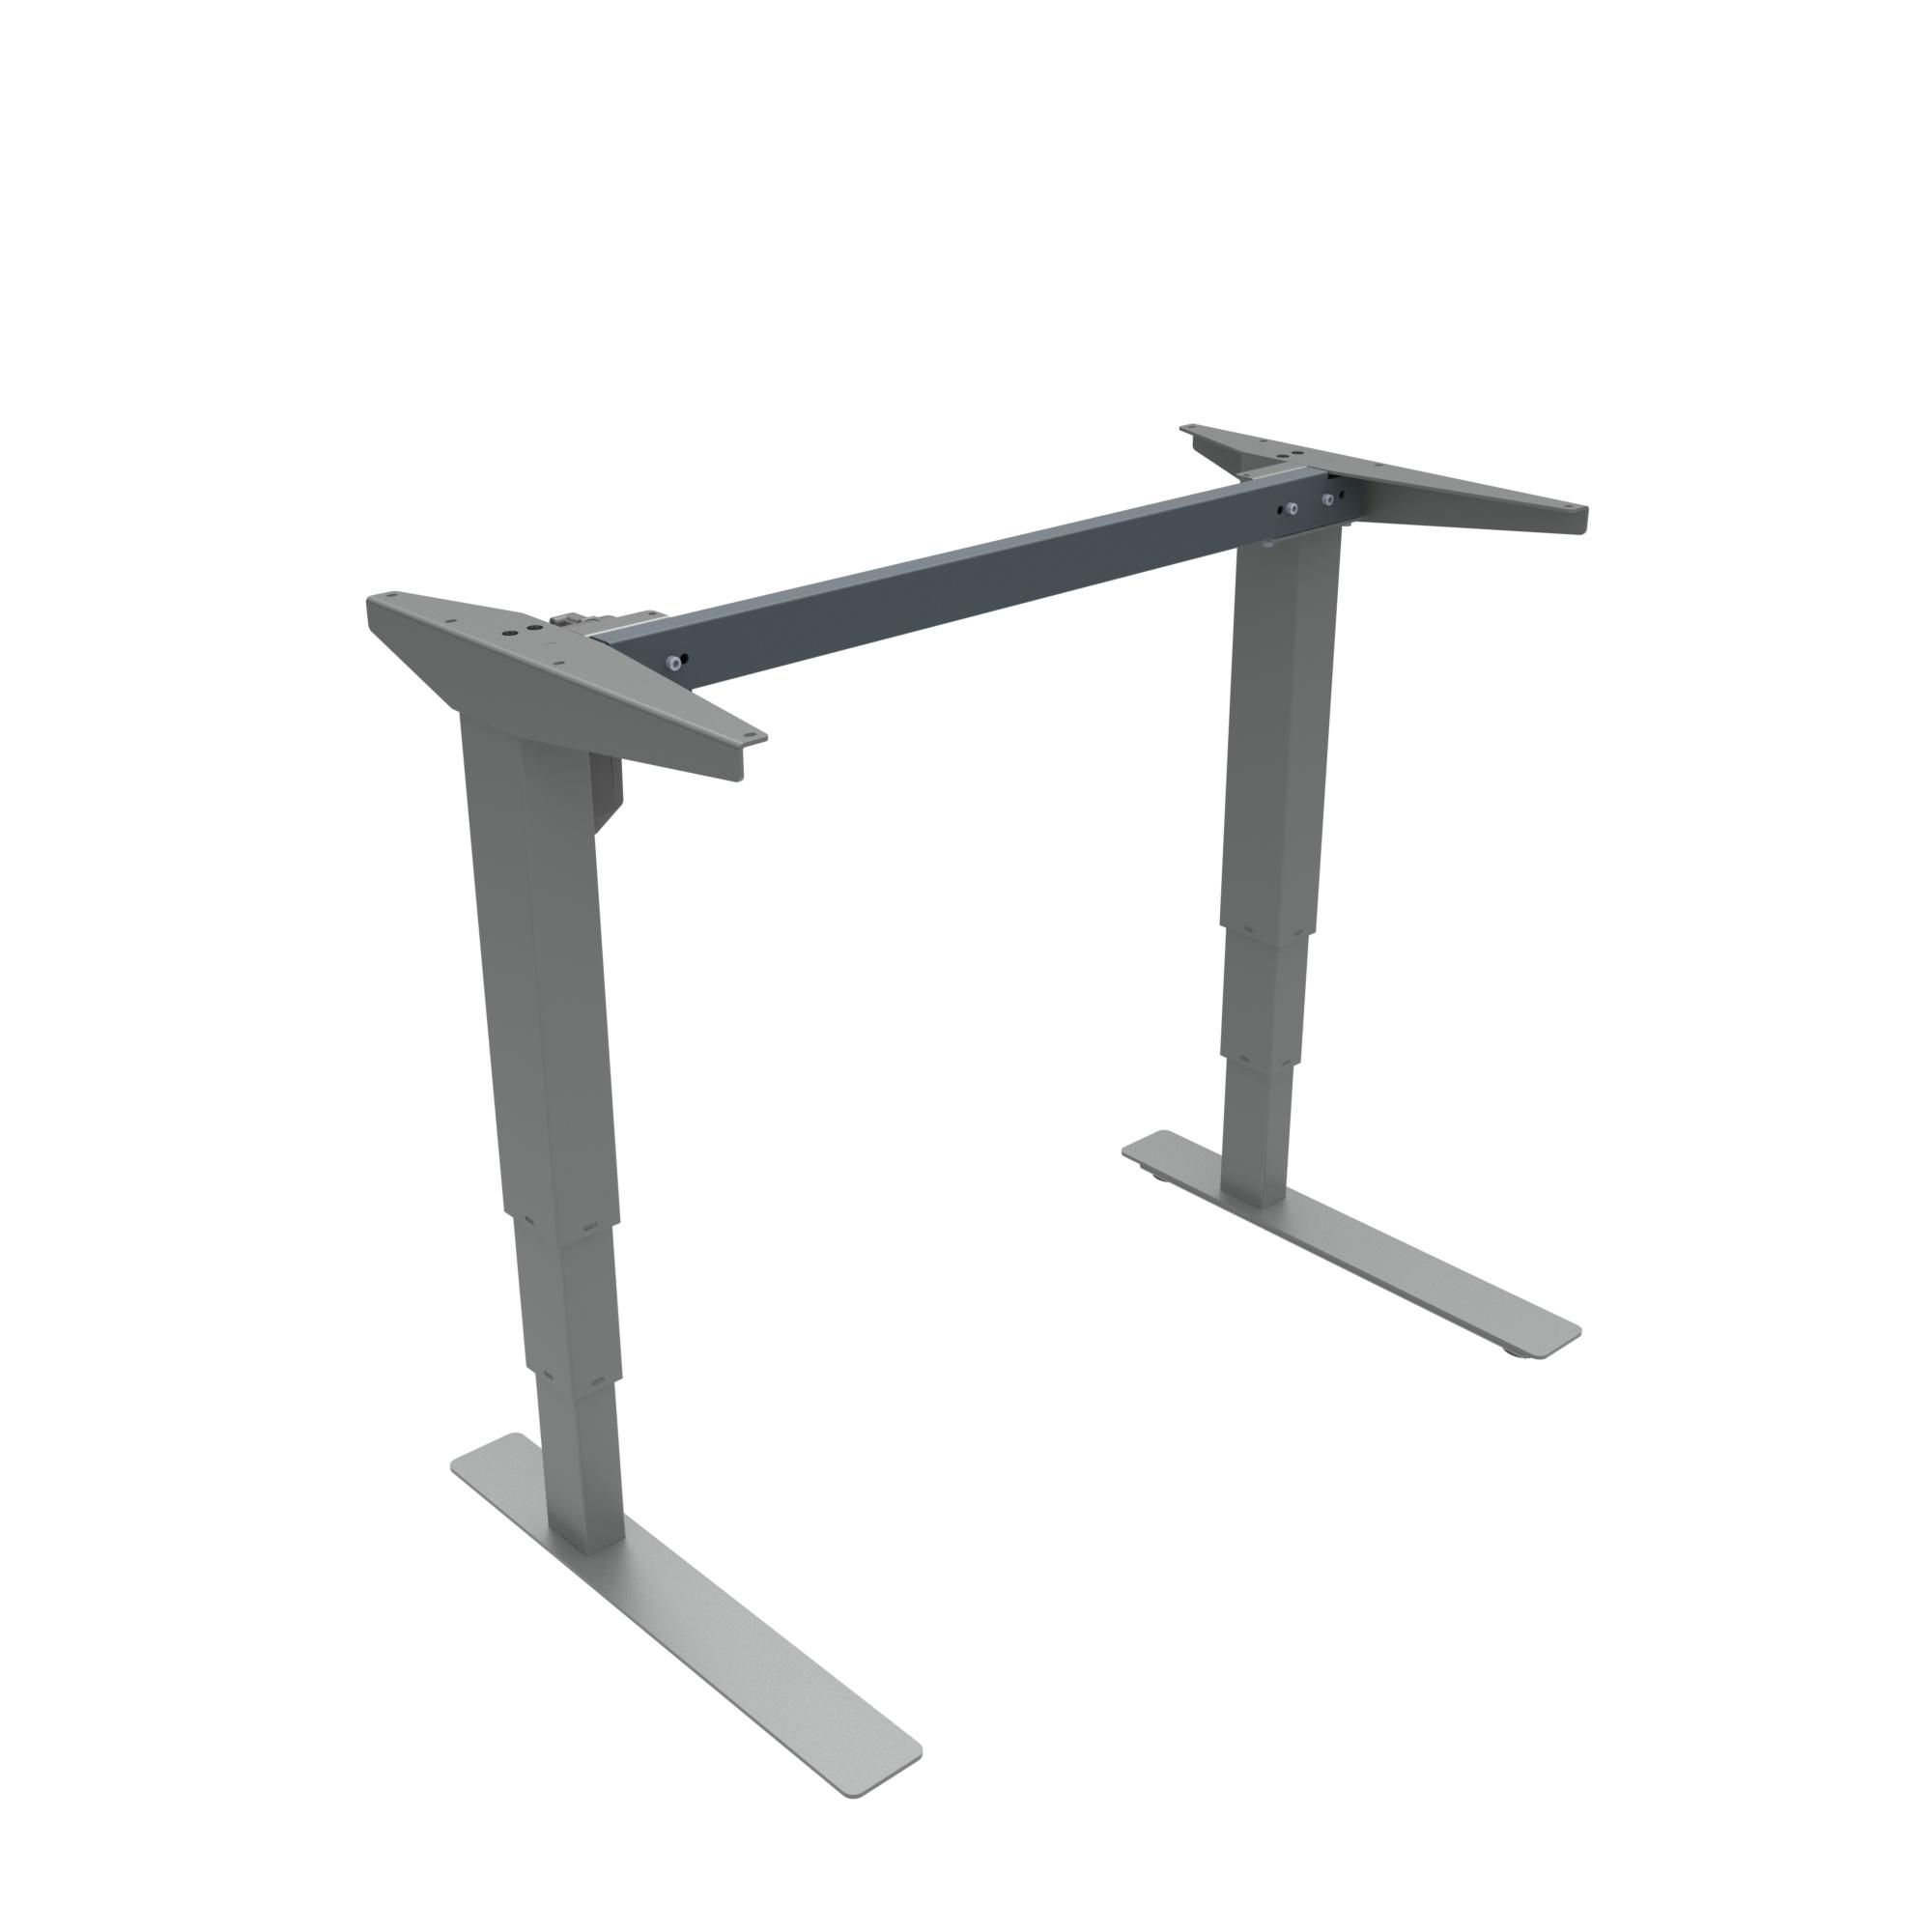 Bureau électrique pour alterner la position assis et debout